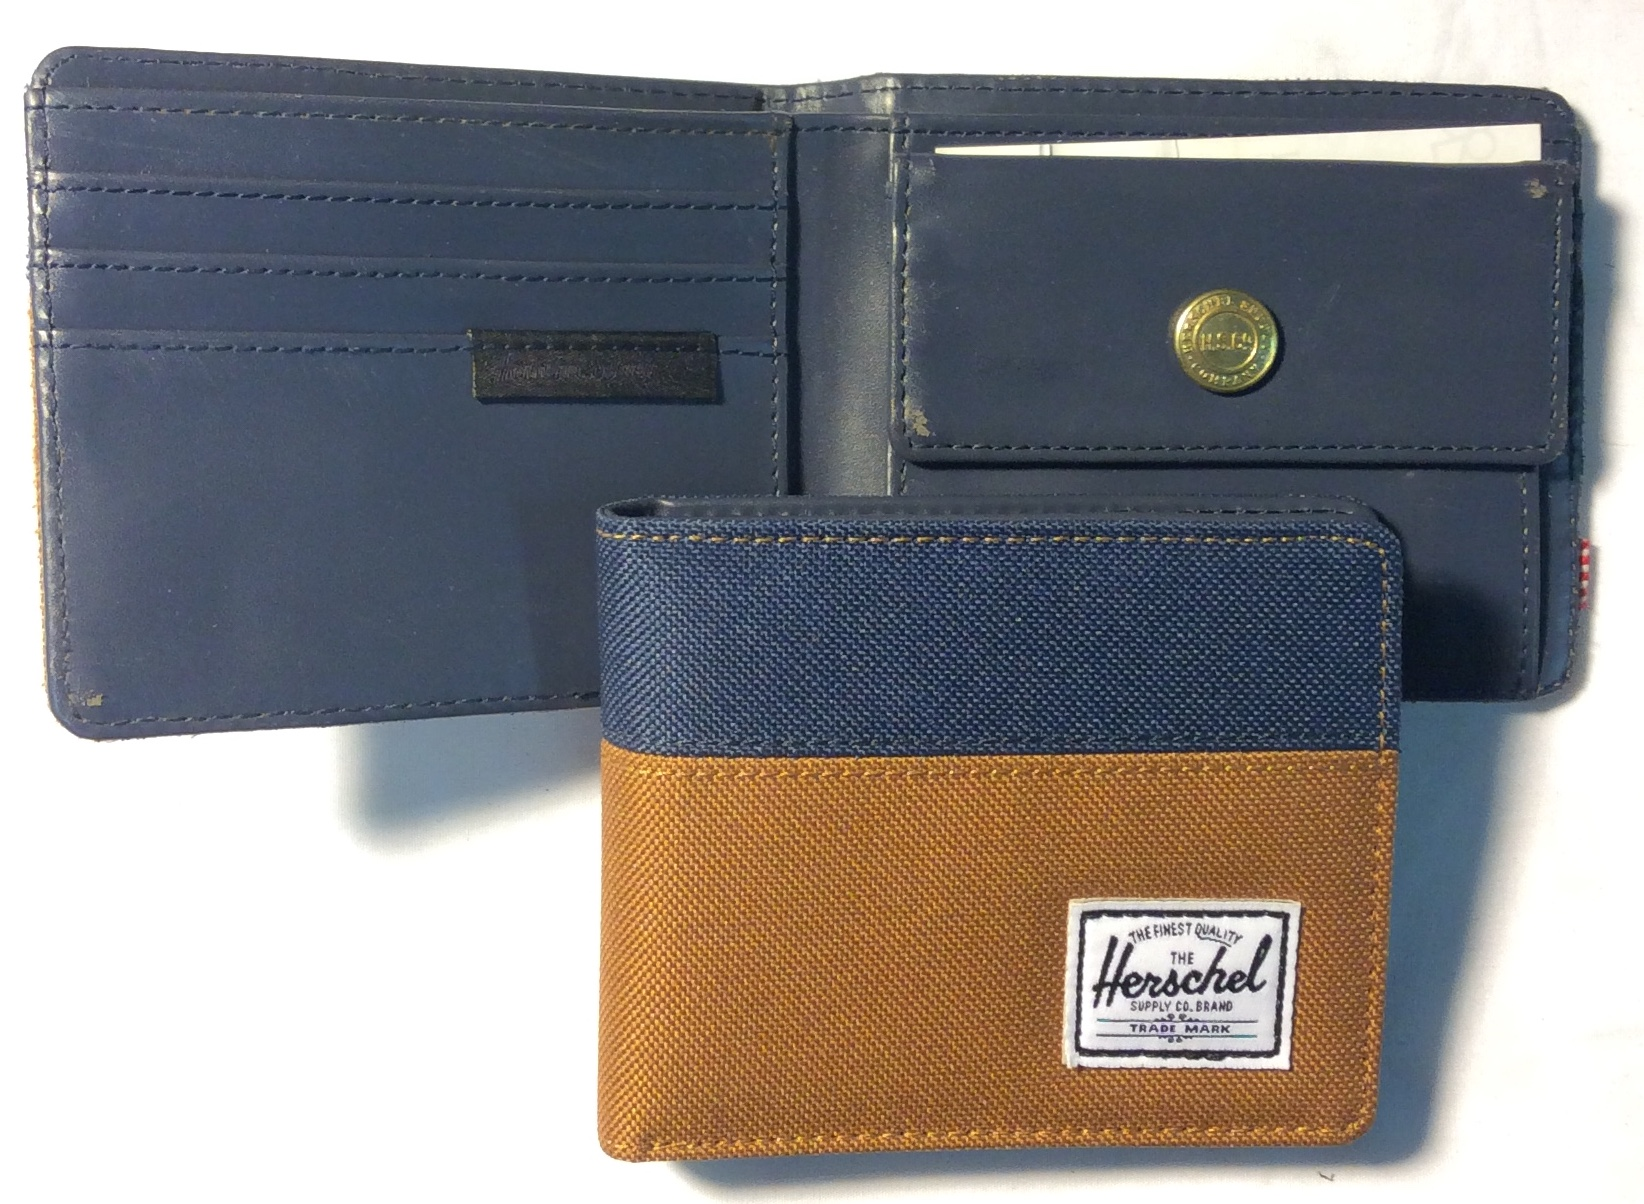 Herschel Tan & navy blue/teal woven